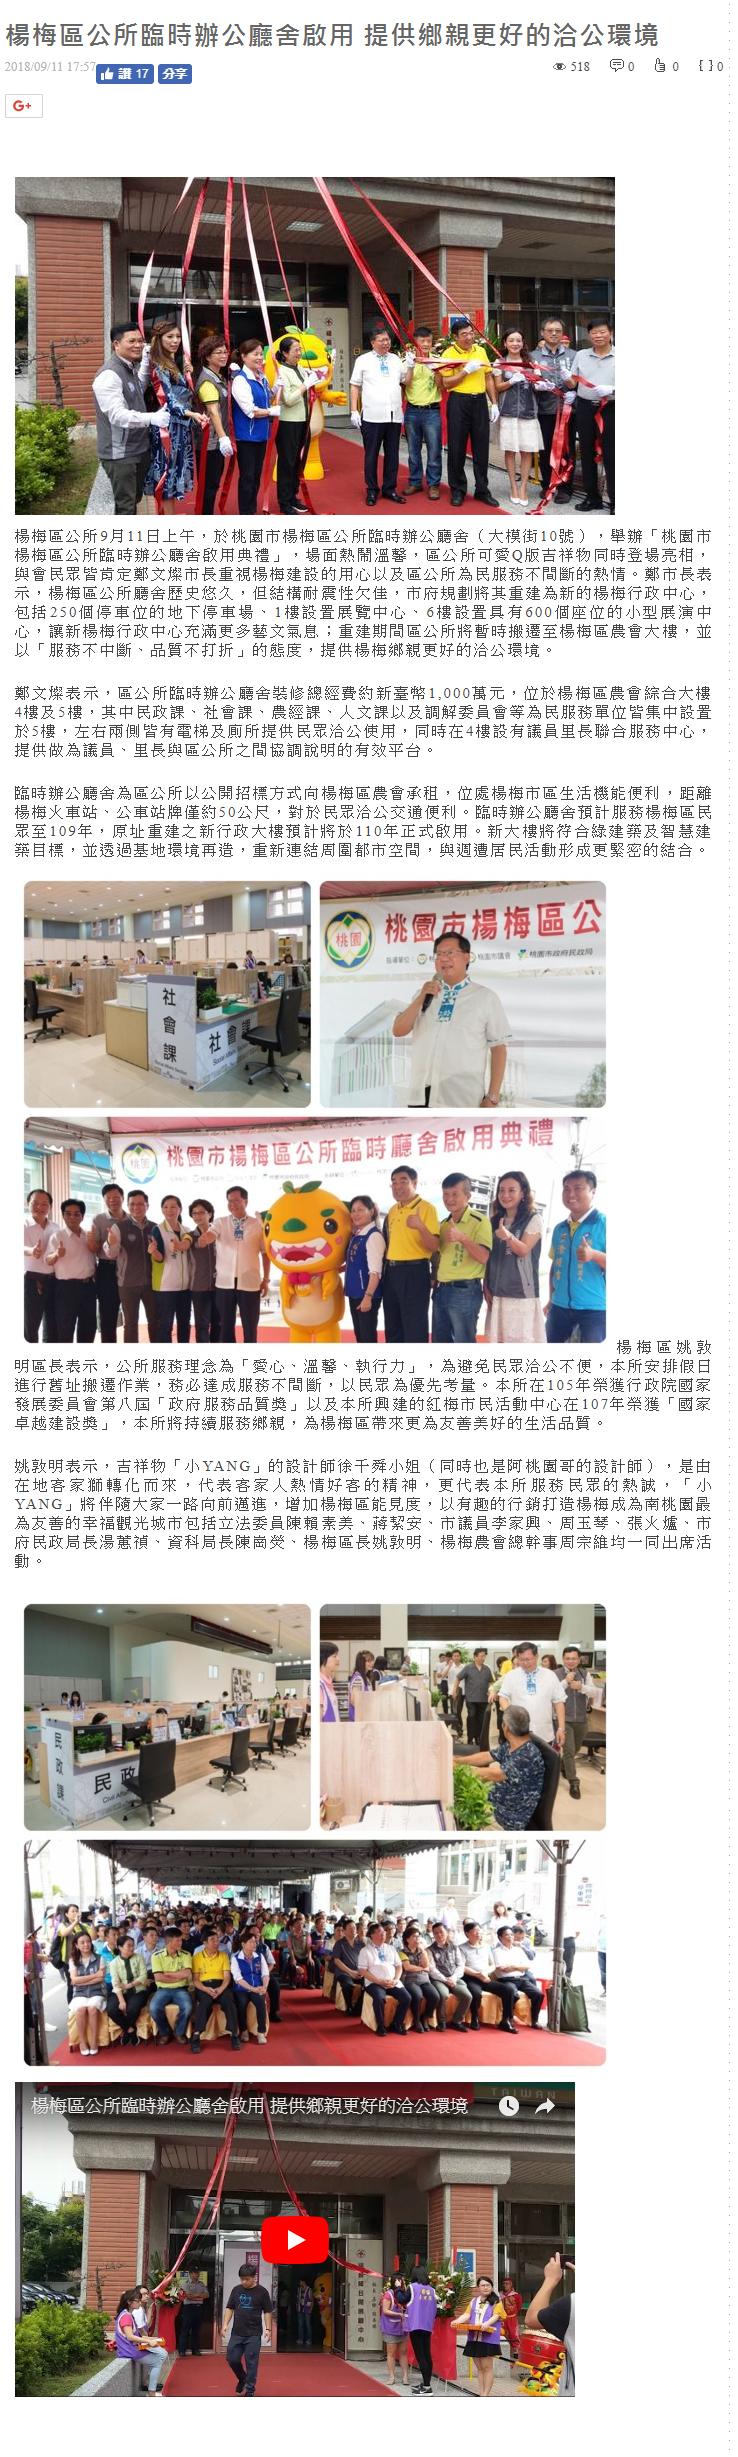 楊梅區公所臨時辦公廳舍啟用 提供鄉親更好的洽公環境